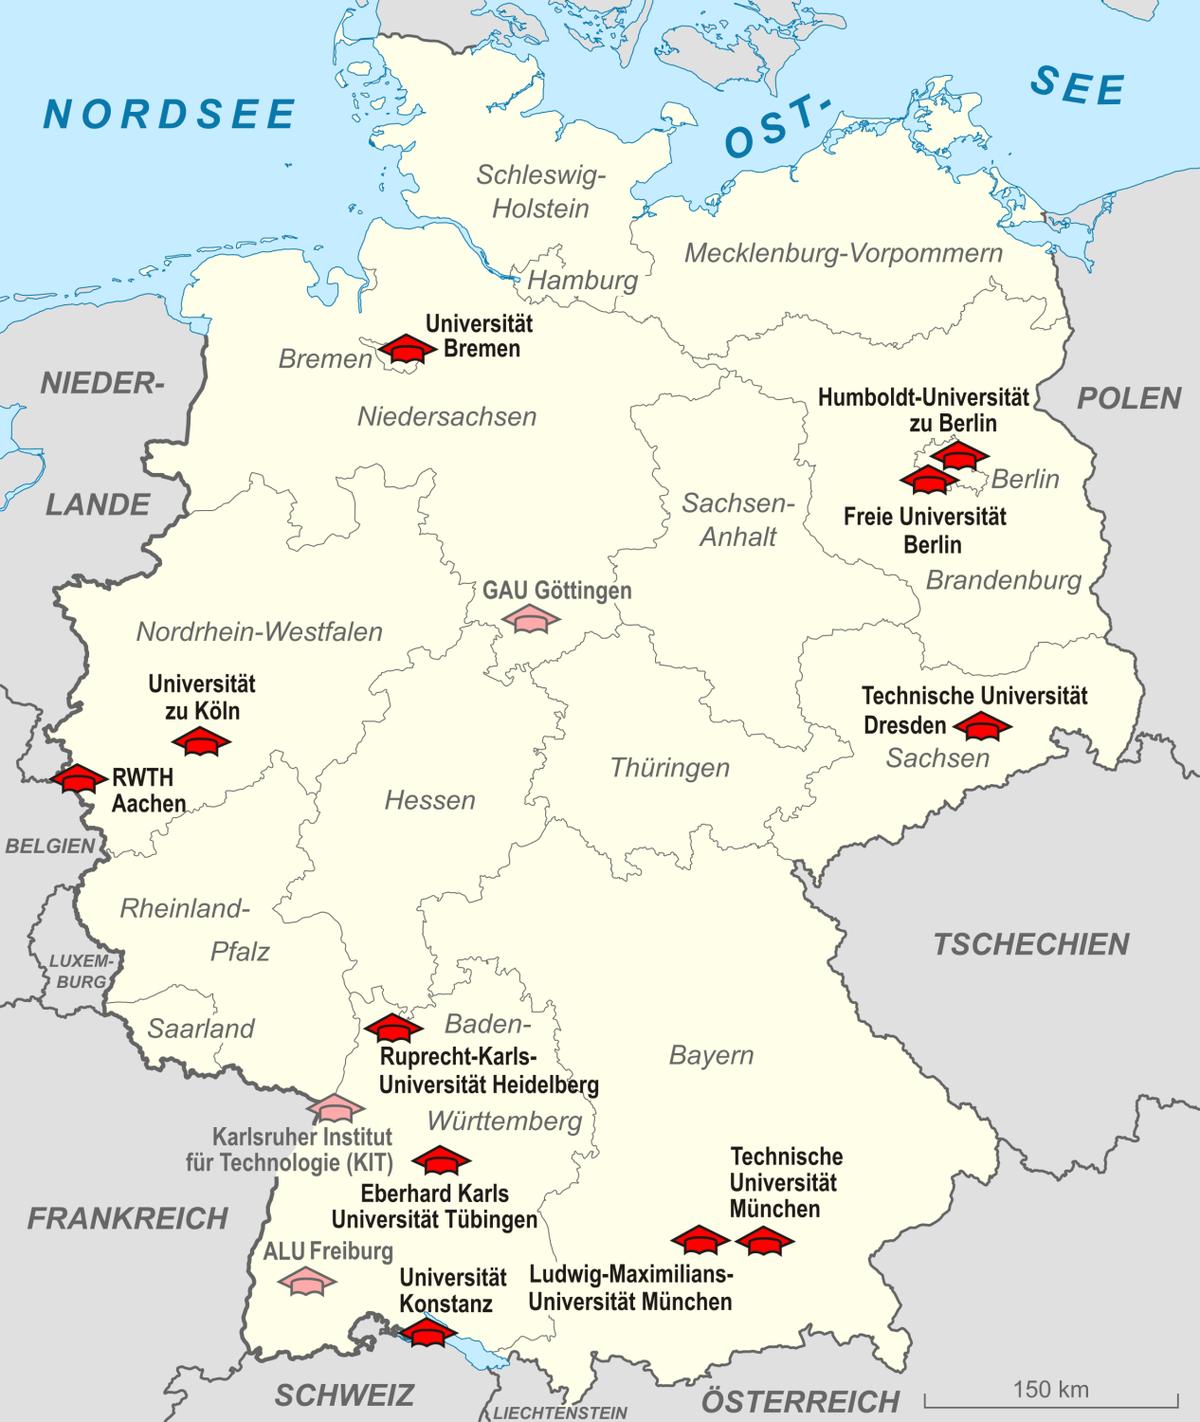 德国精英大学计划 - 维基百科,自由的百科全书